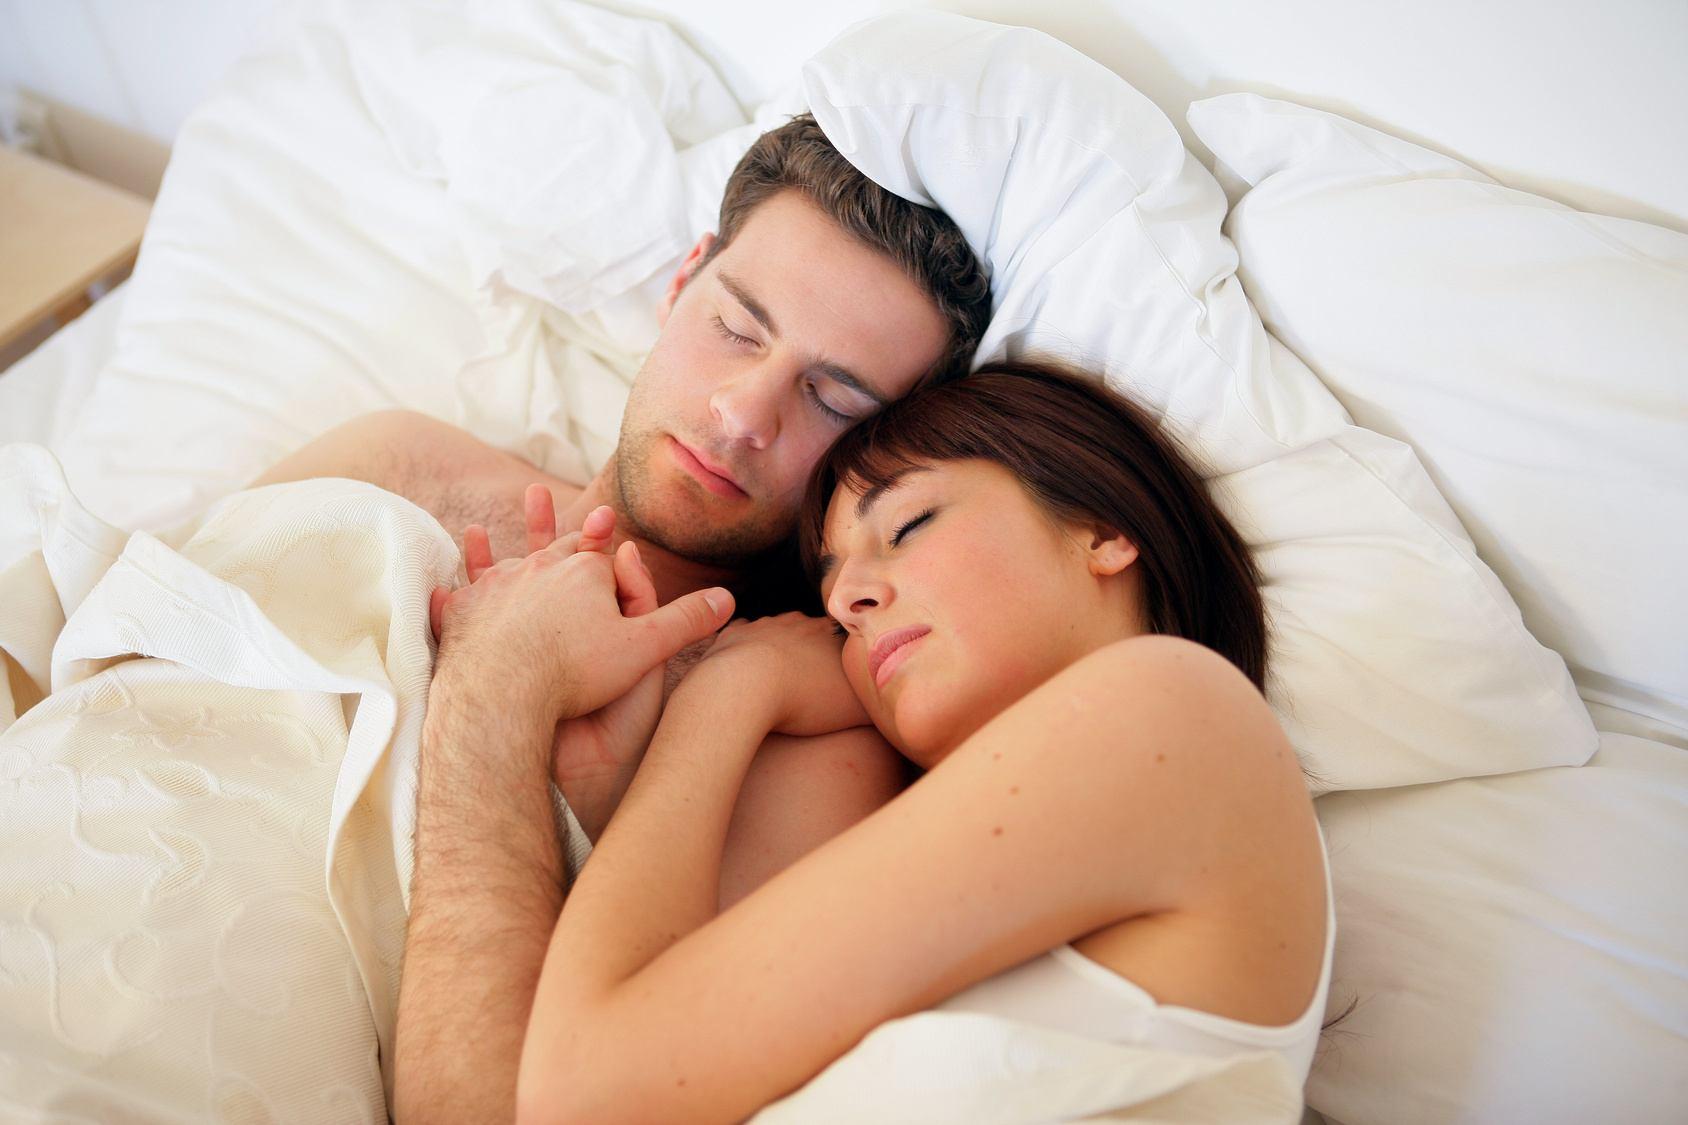 Фото спит в халате 8 фотография